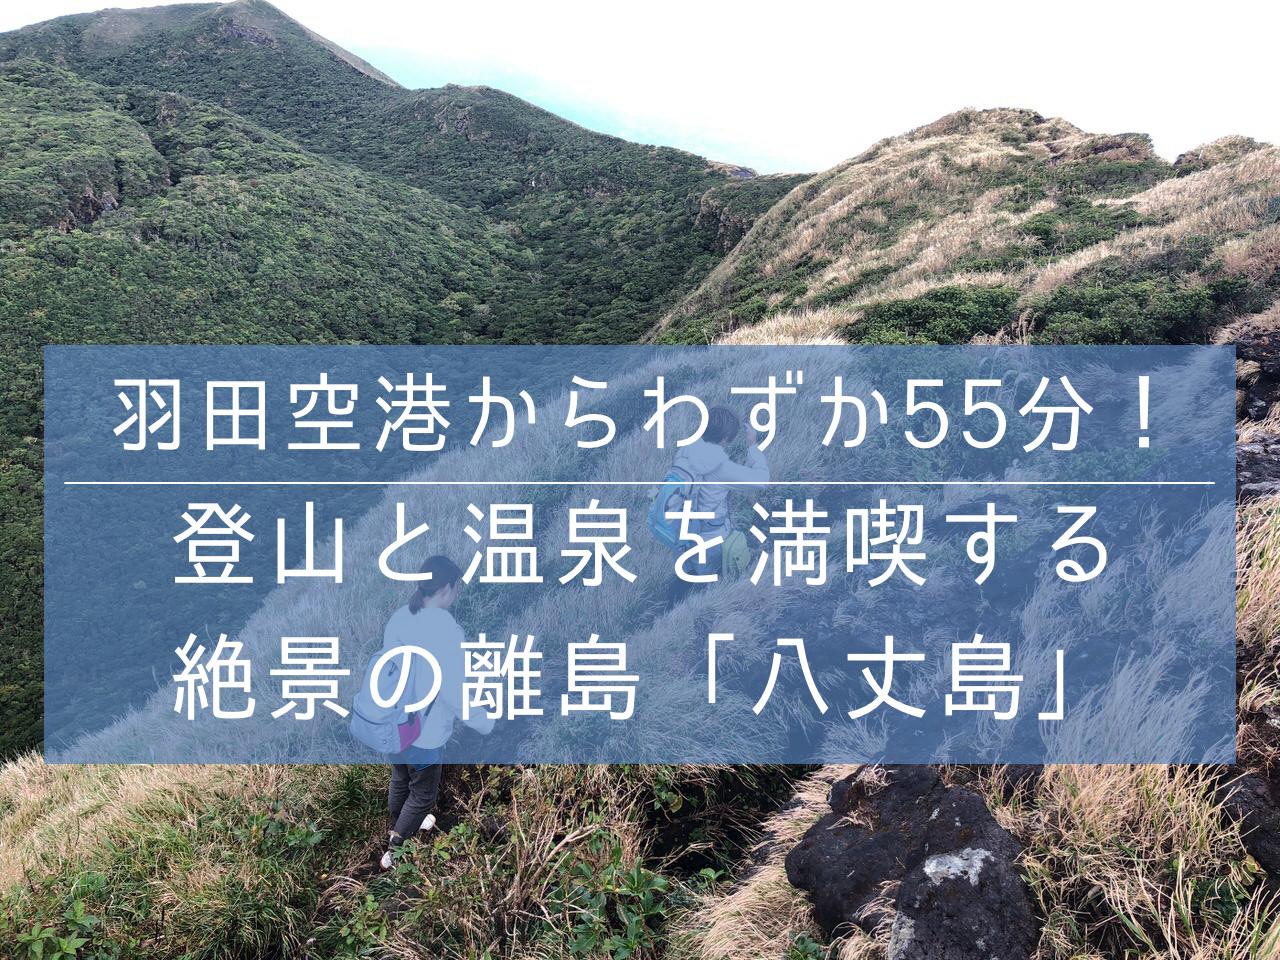 Hachijojima 16105223 1